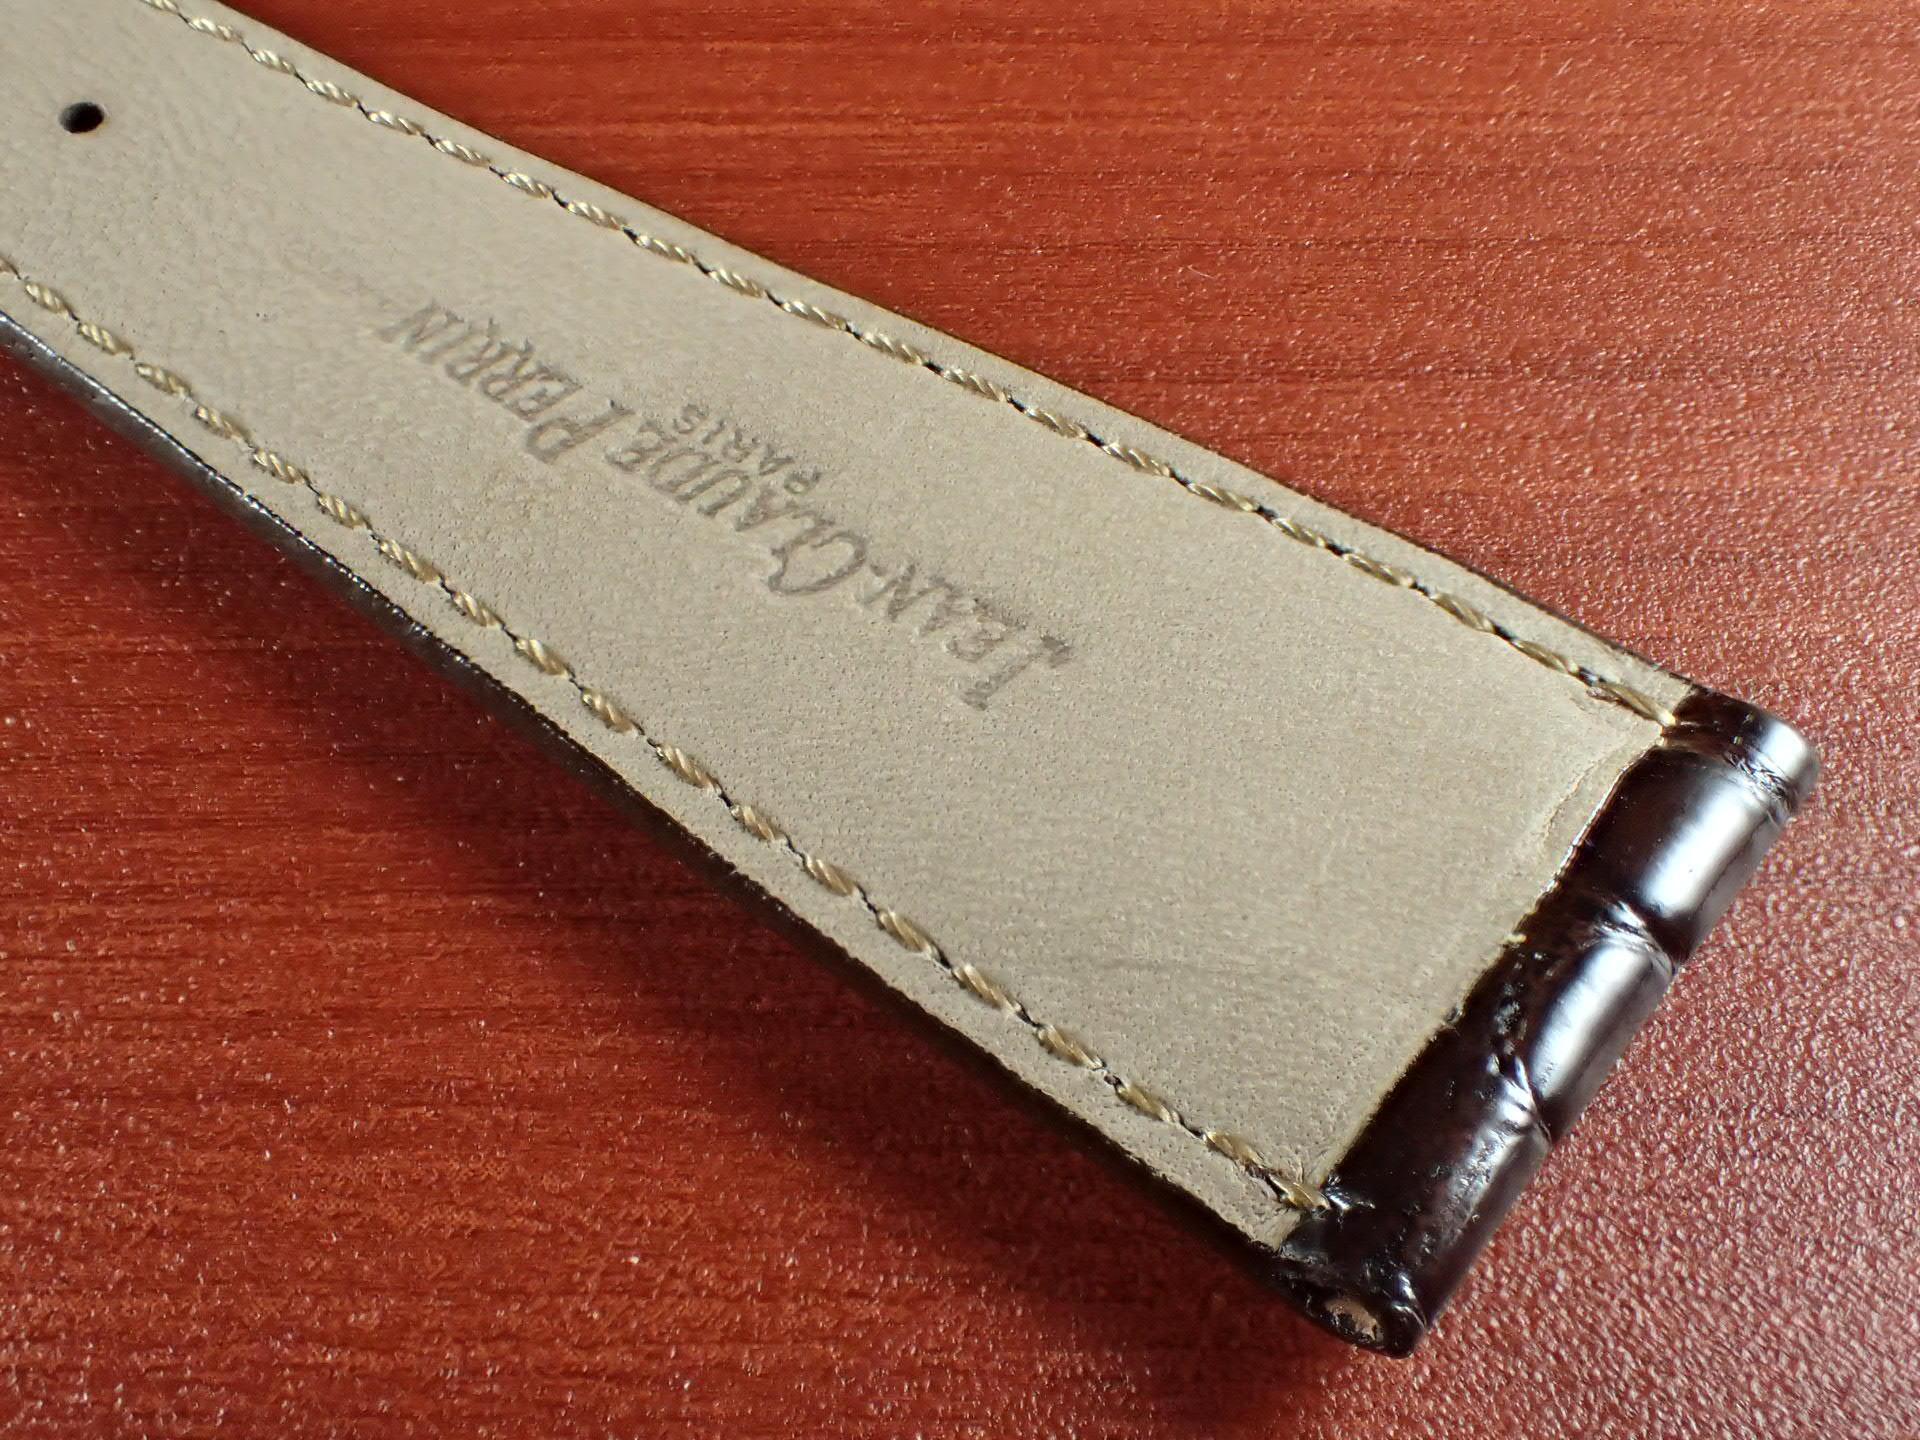 ジャン・クロード ペラン革ベルト(オールドペラン)クロコダイル ダークブラウン 22mmの写真6枚目